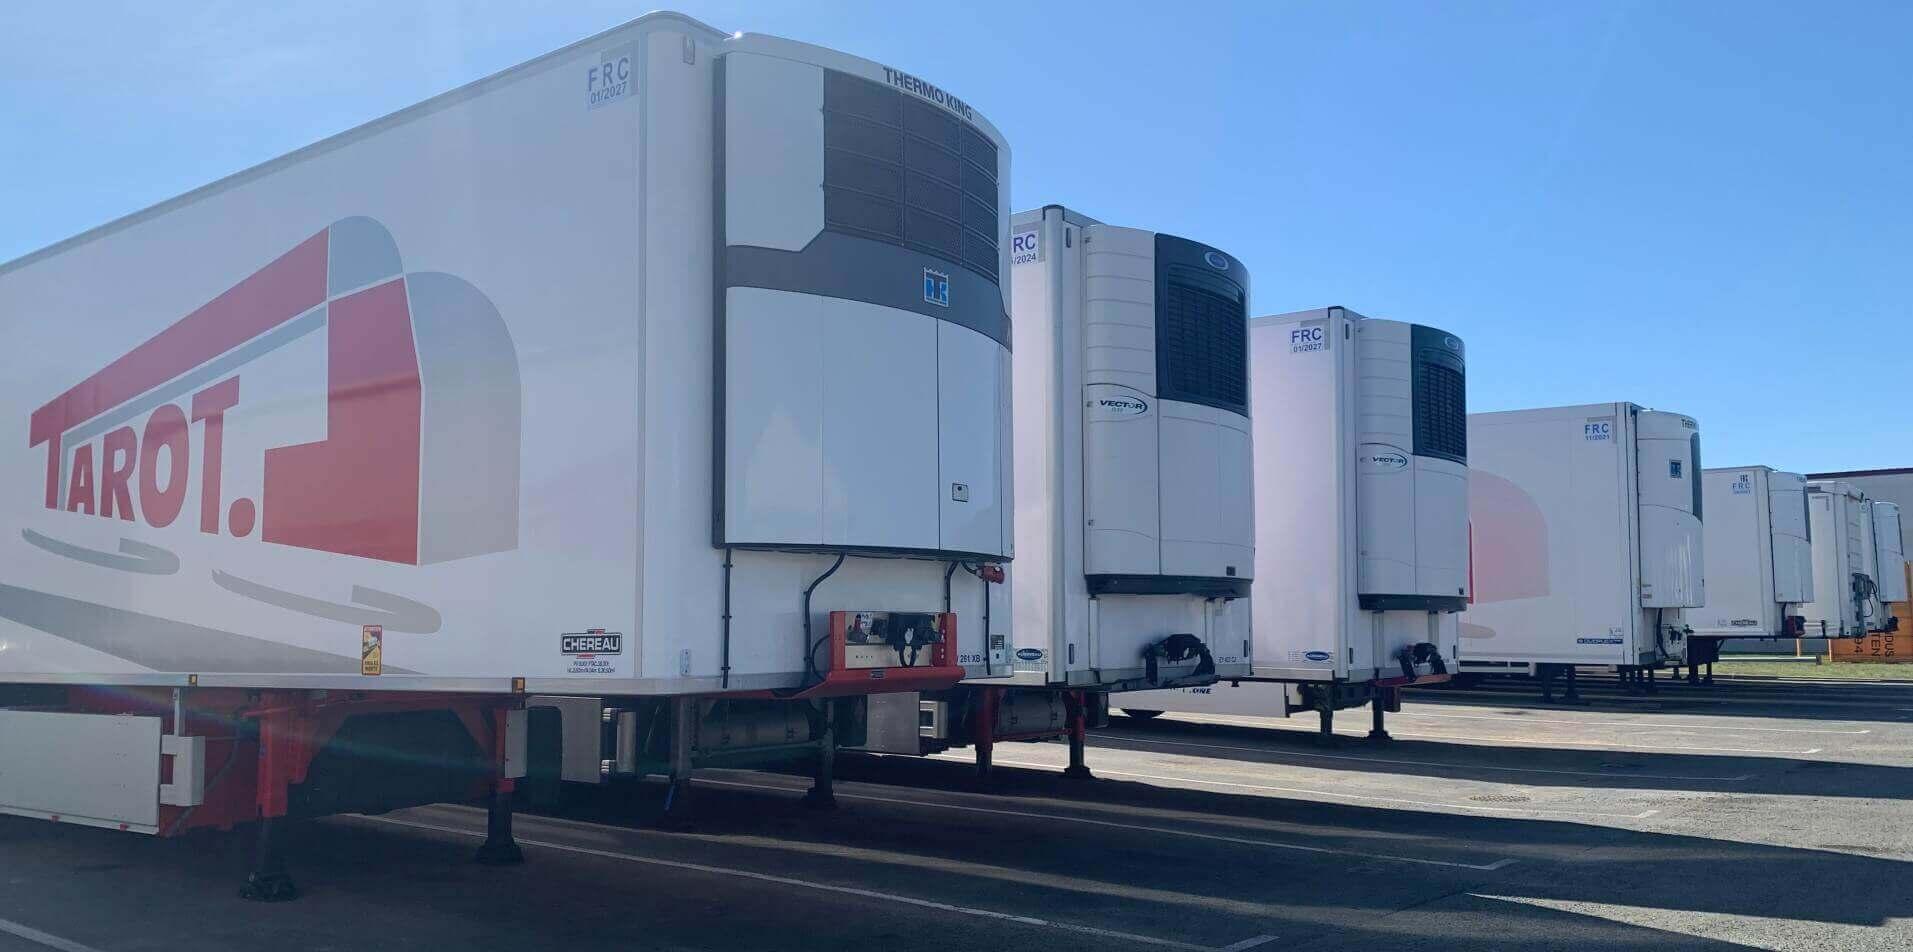 Transports Tarot parc remorques frigorifiques